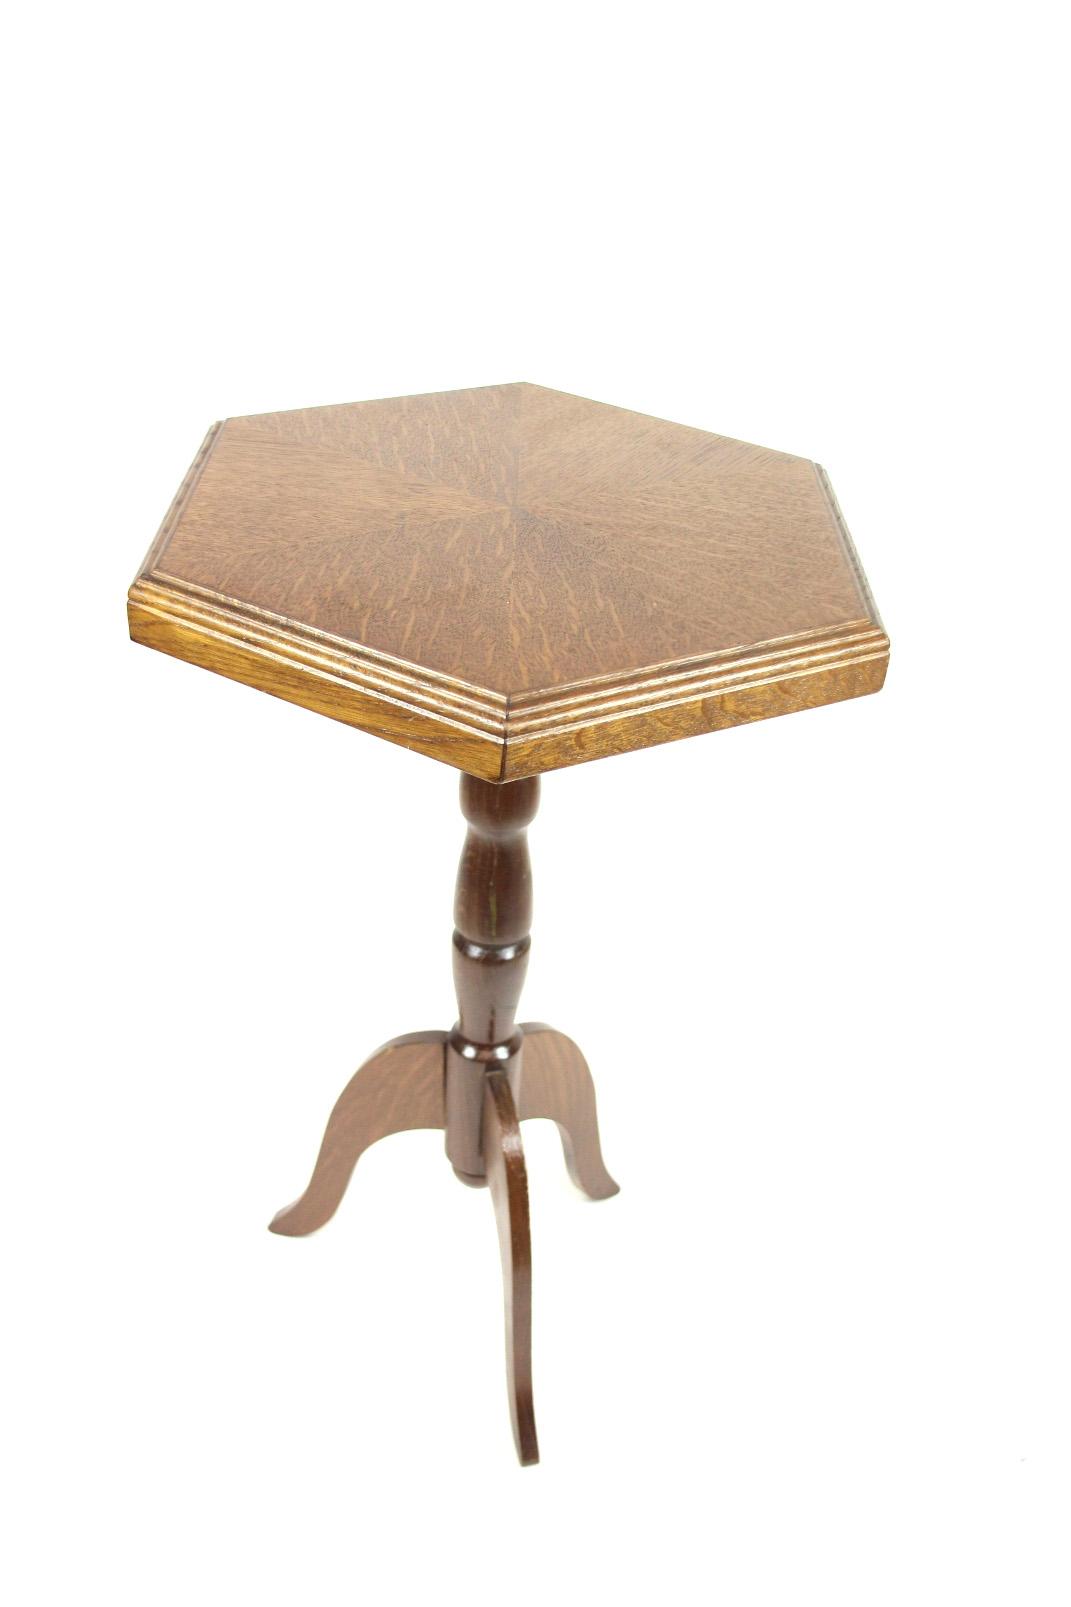 helmut cybinski beistelltisch 6 eck ddr beistell tisch. Black Bedroom Furniture Sets. Home Design Ideas